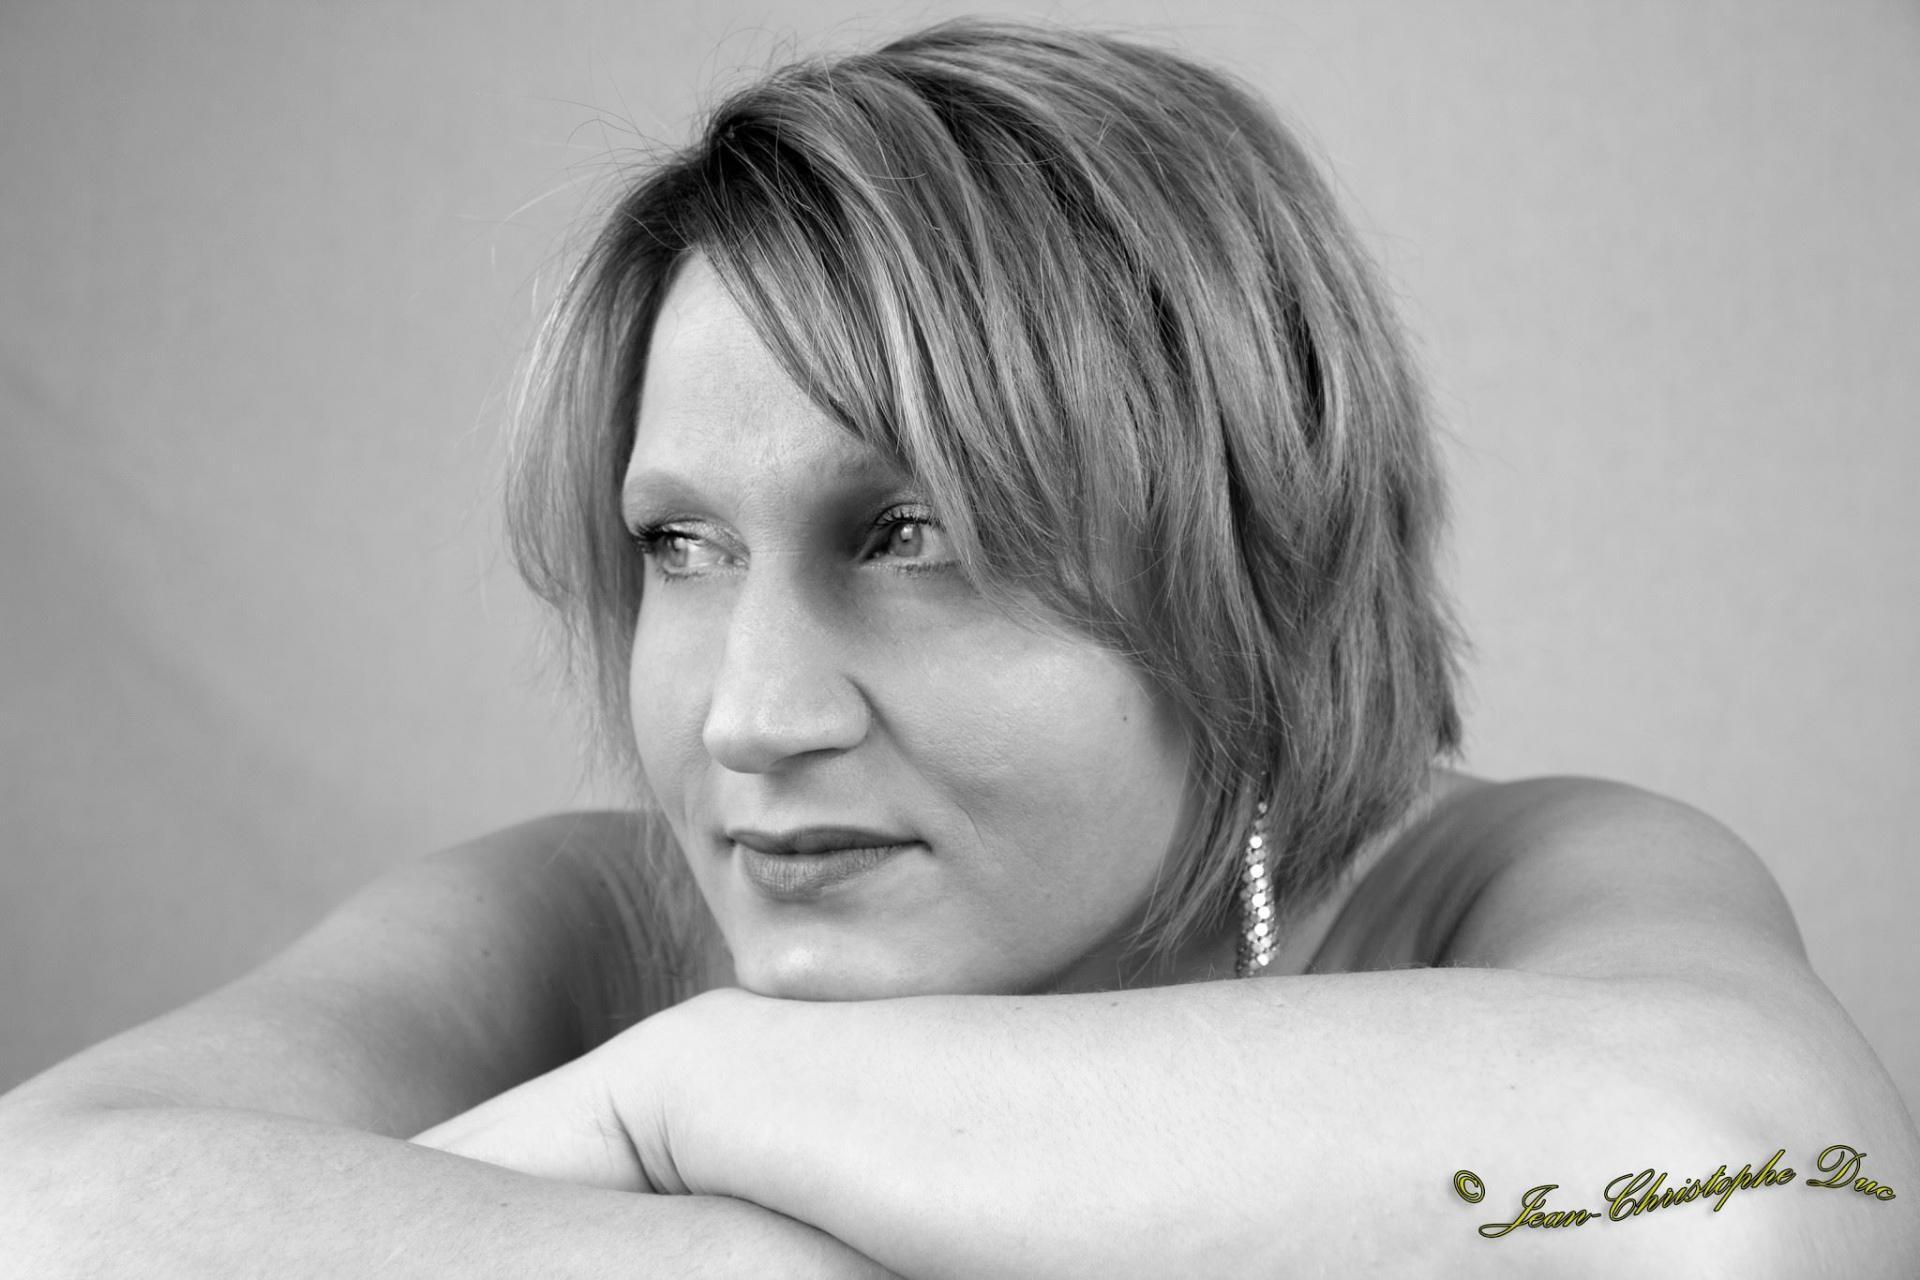 Ode chanteuse charismatique du Puy de Dôme